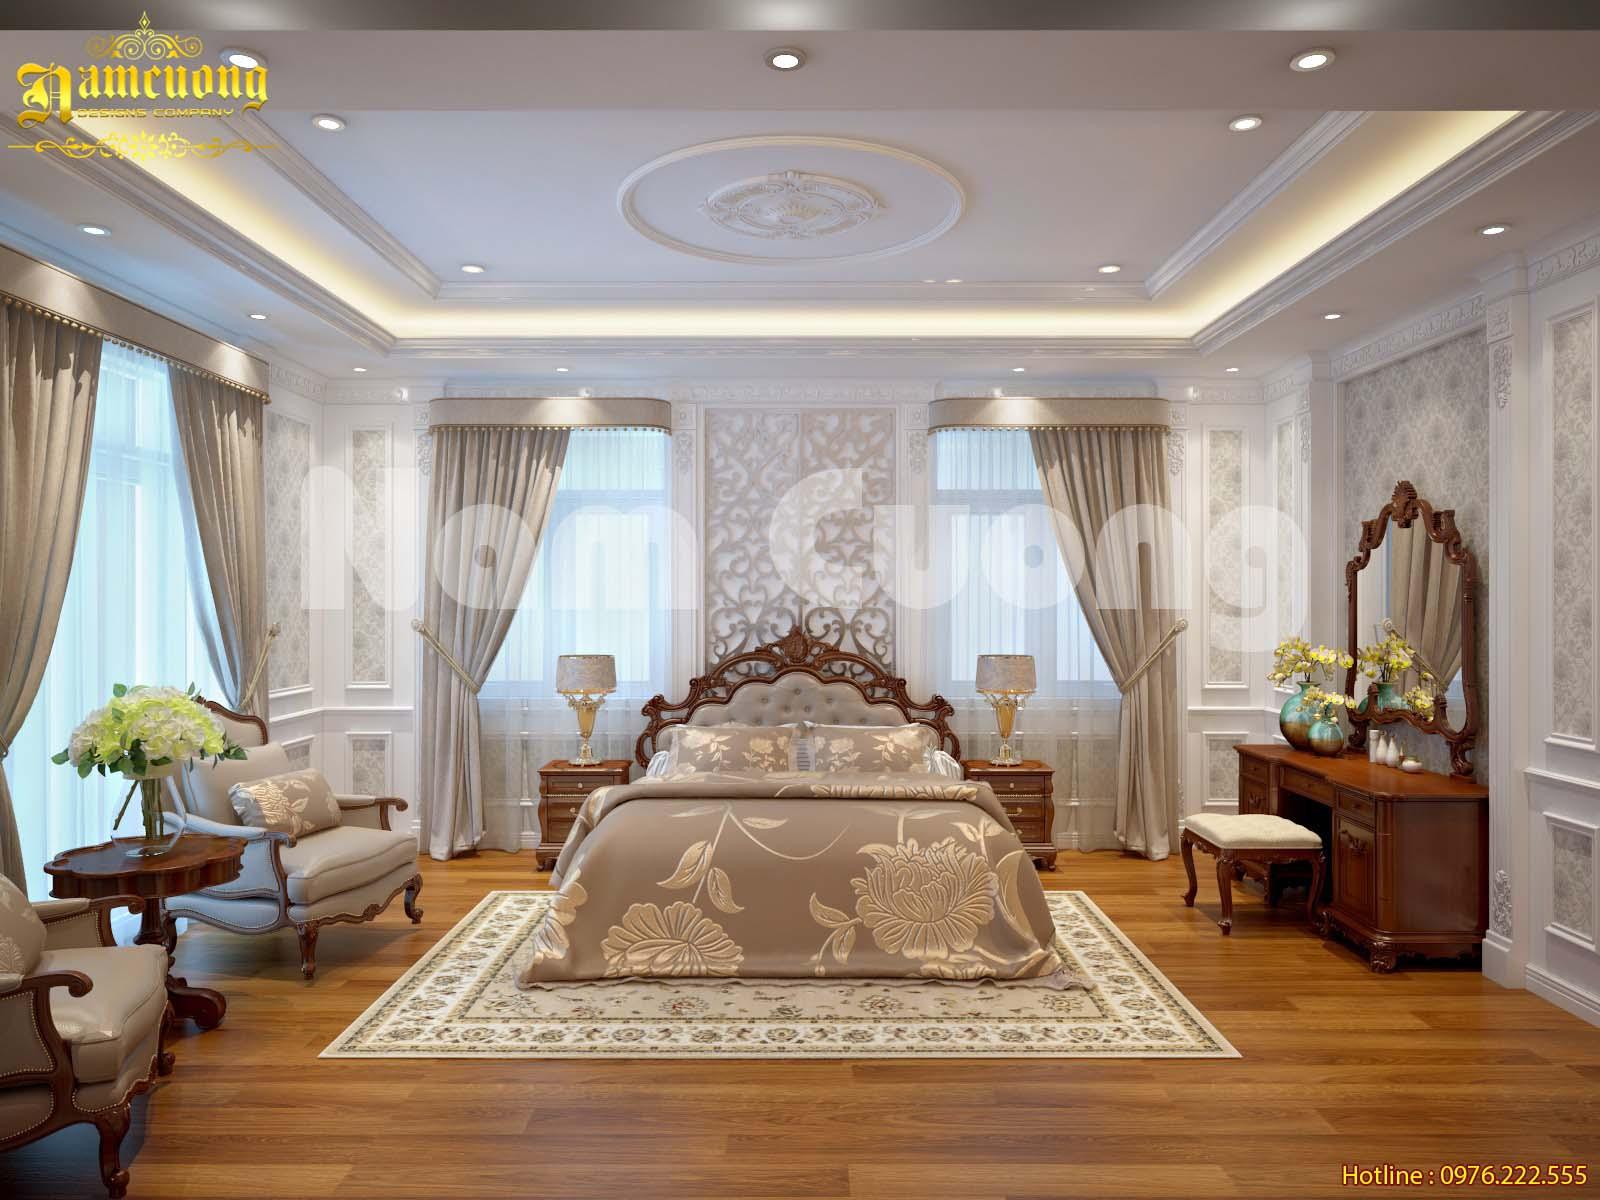 Tận hưởng không gian sống trong mẫu phòng ngủ tân cổ điển